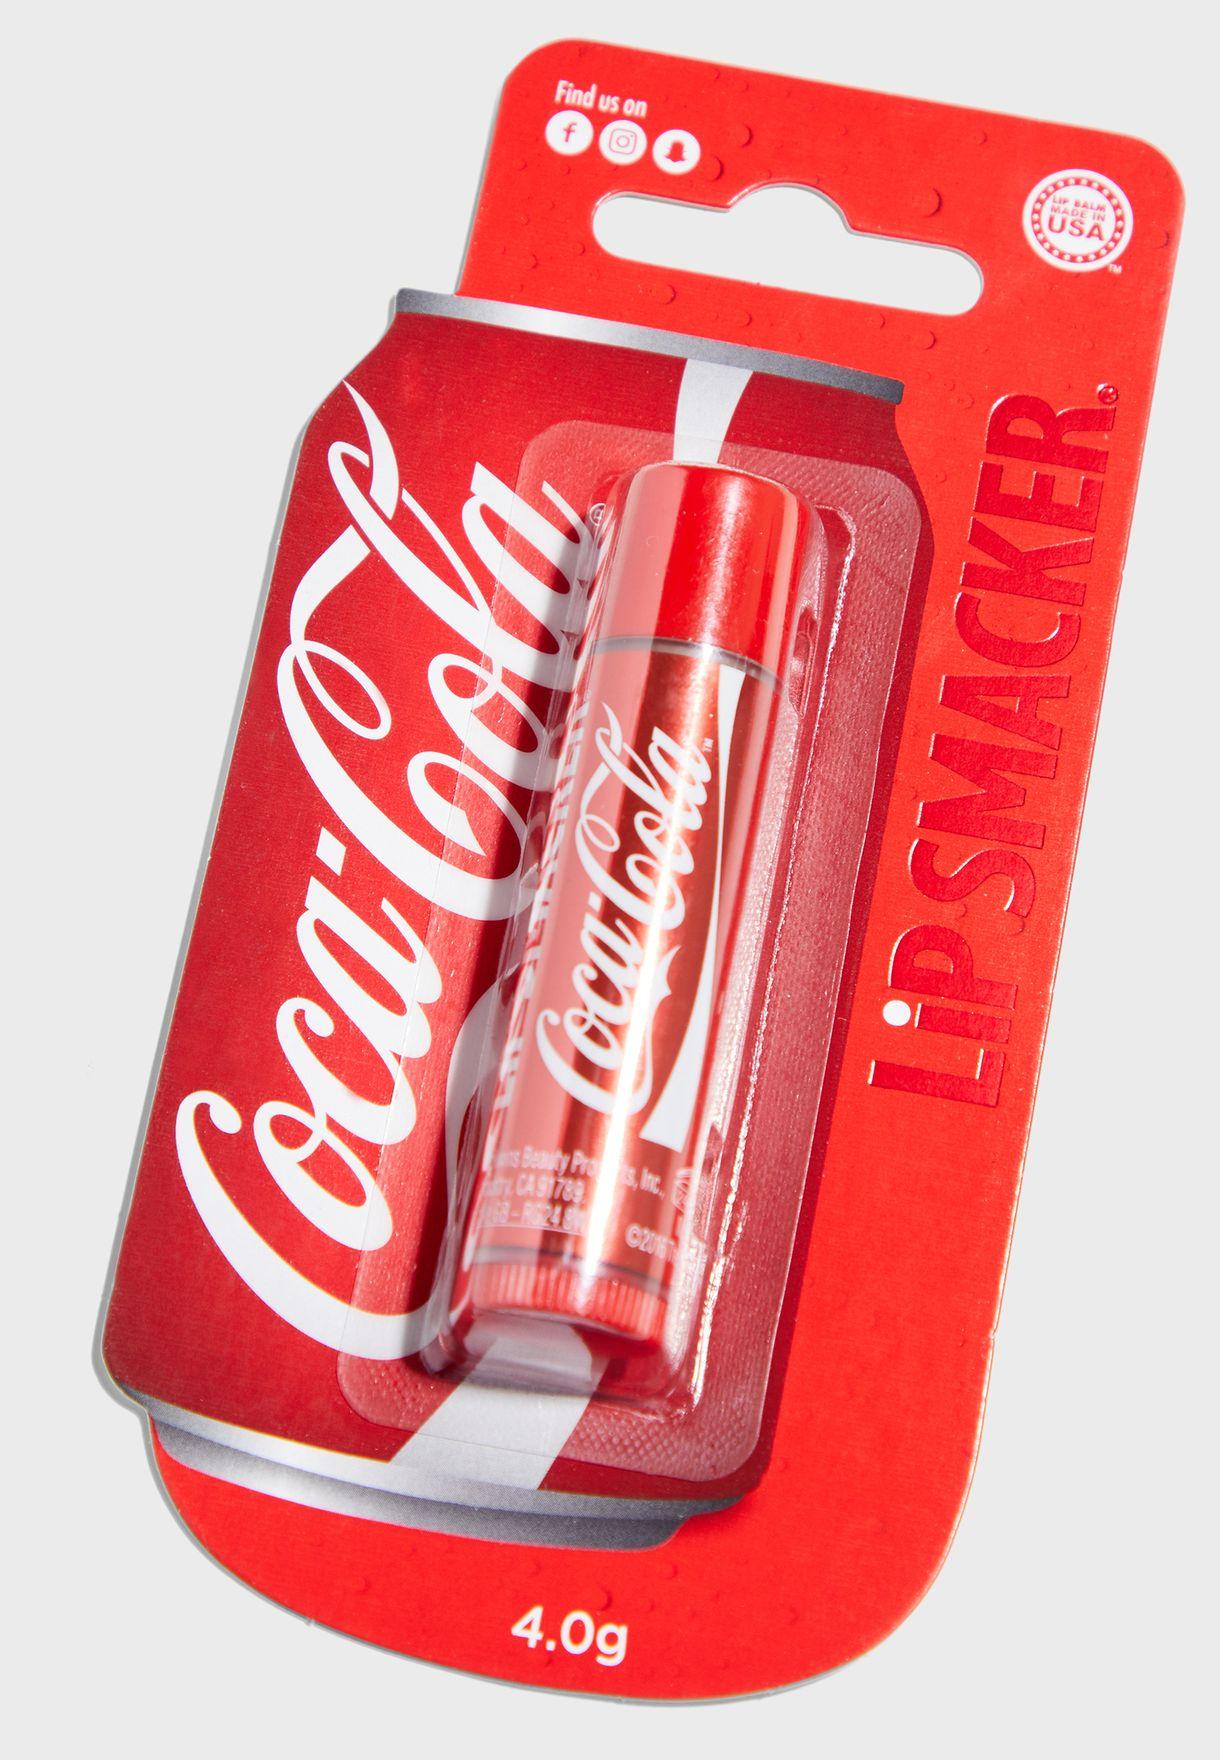 Coca ColaLip Balm